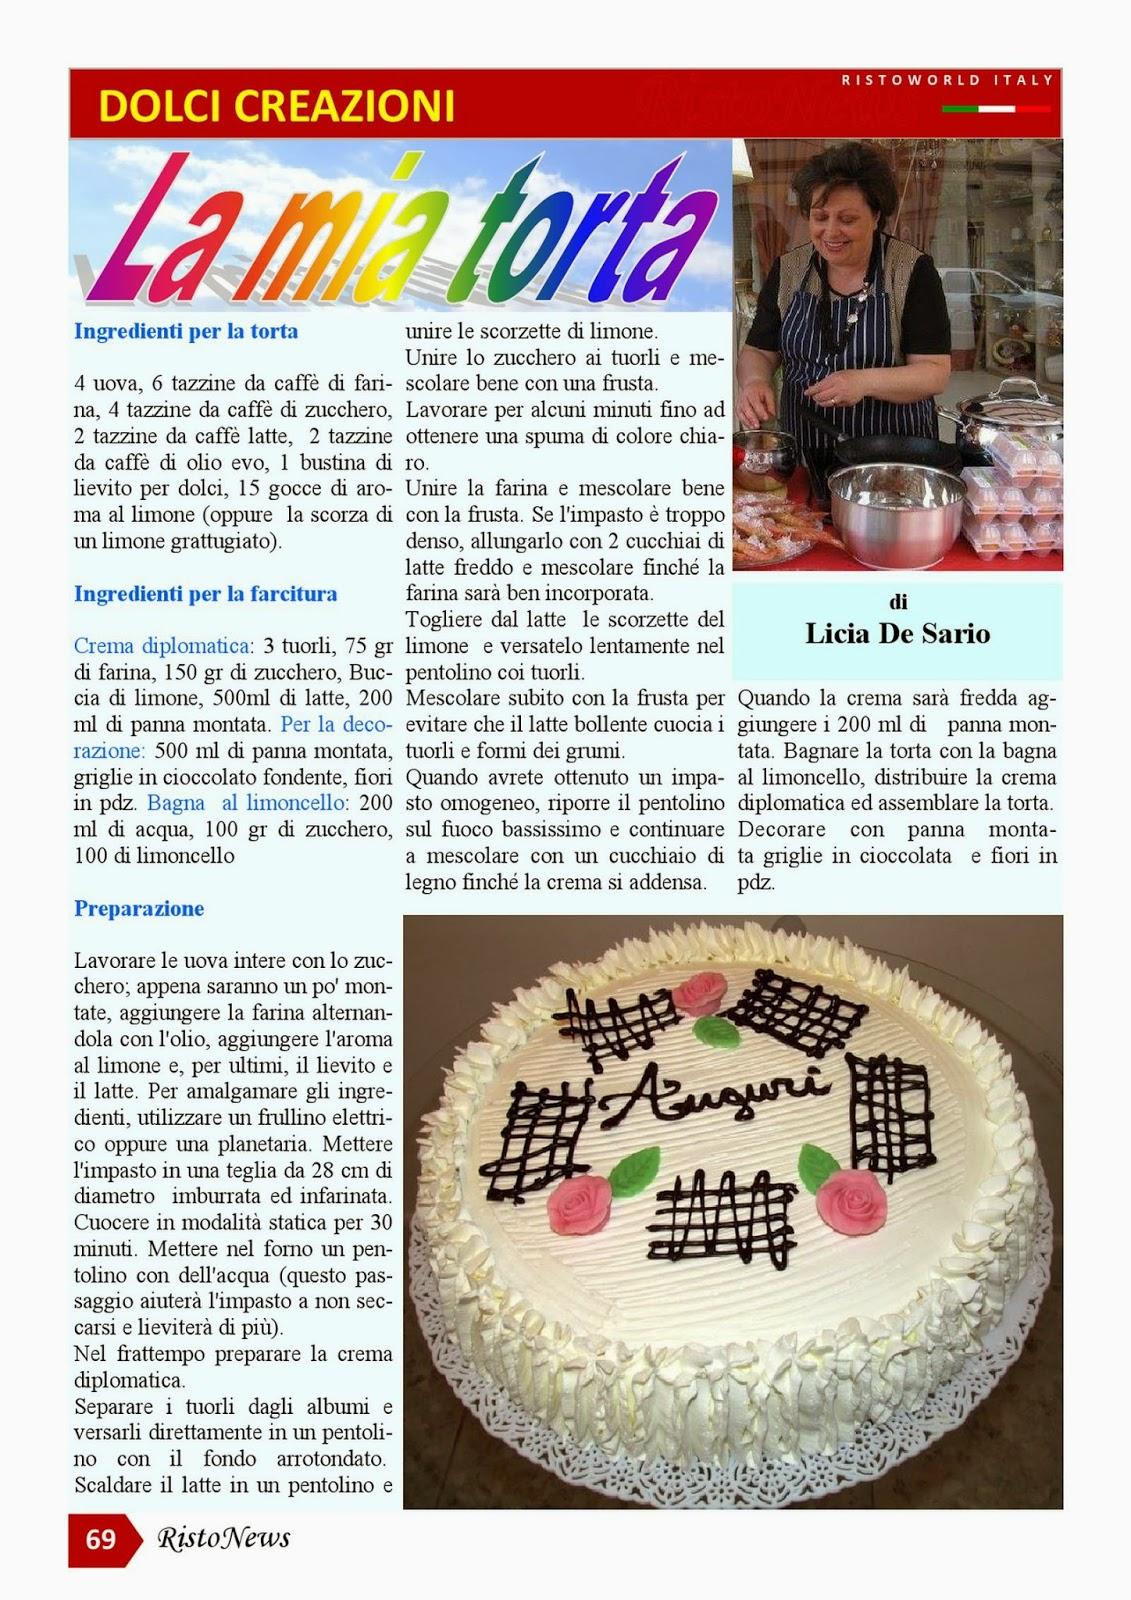 la mia torta pubblicata sulla rivista